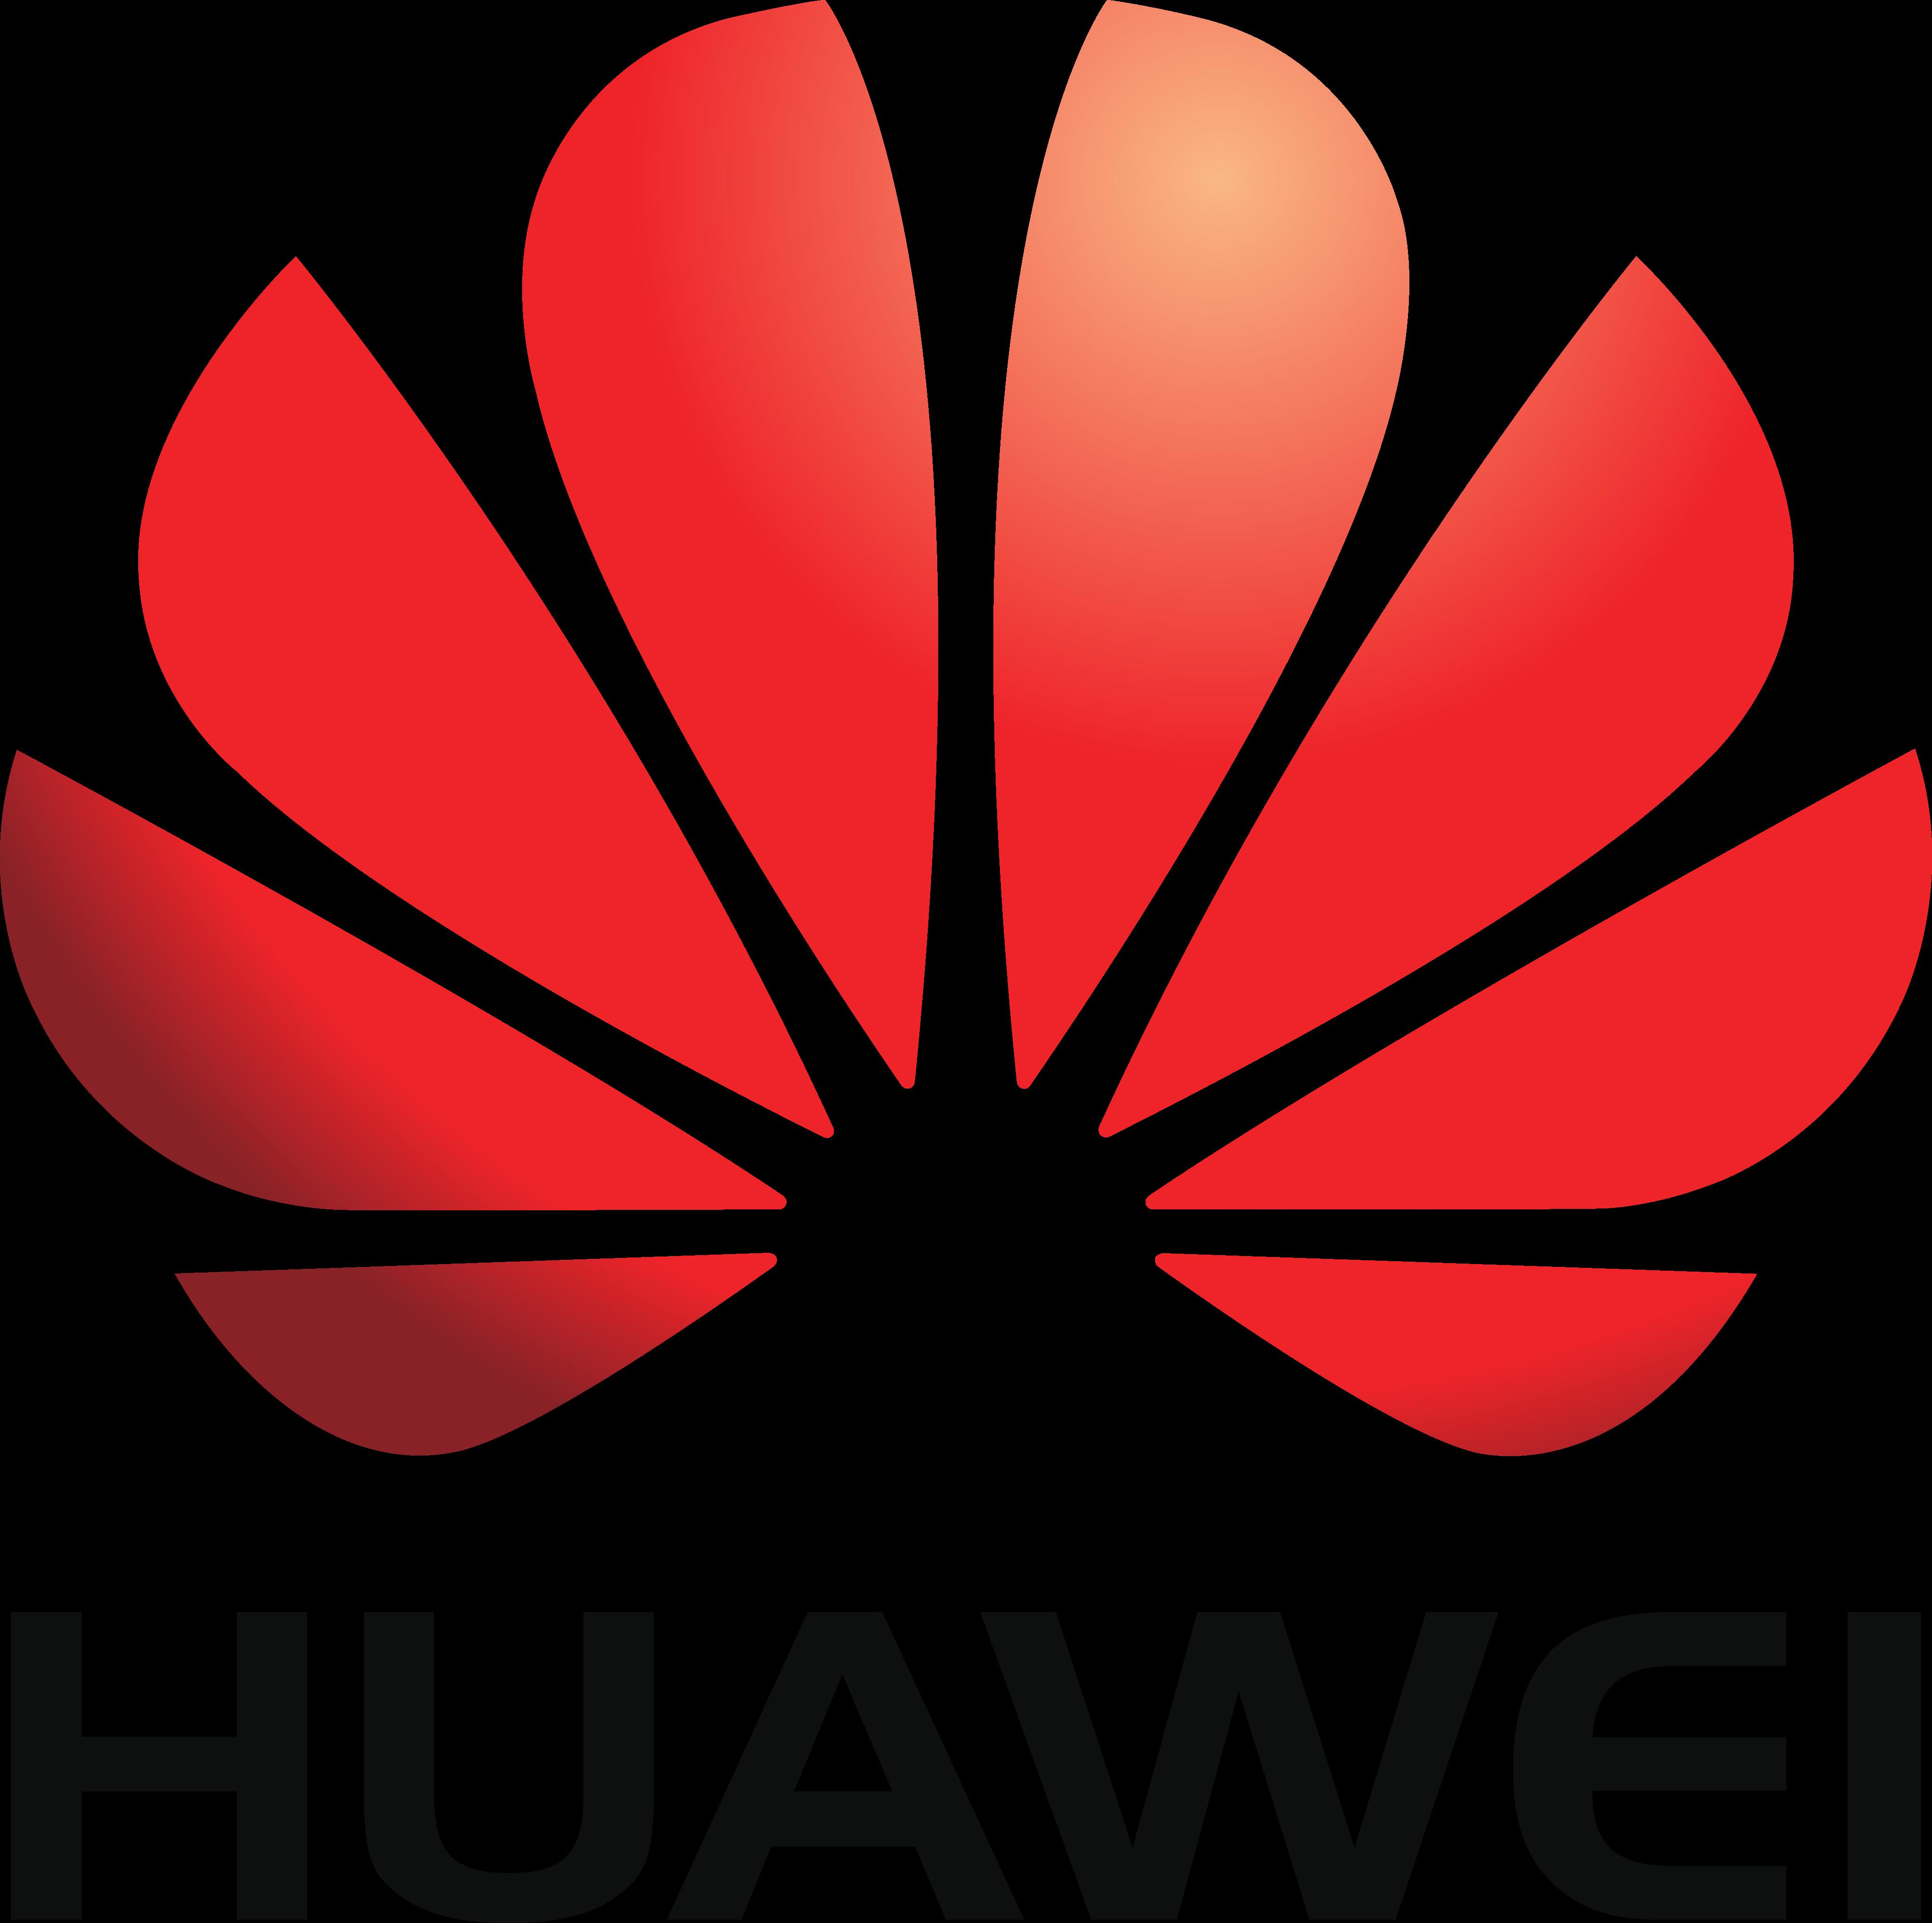 huawei logo 1 1 - Huawei Logo